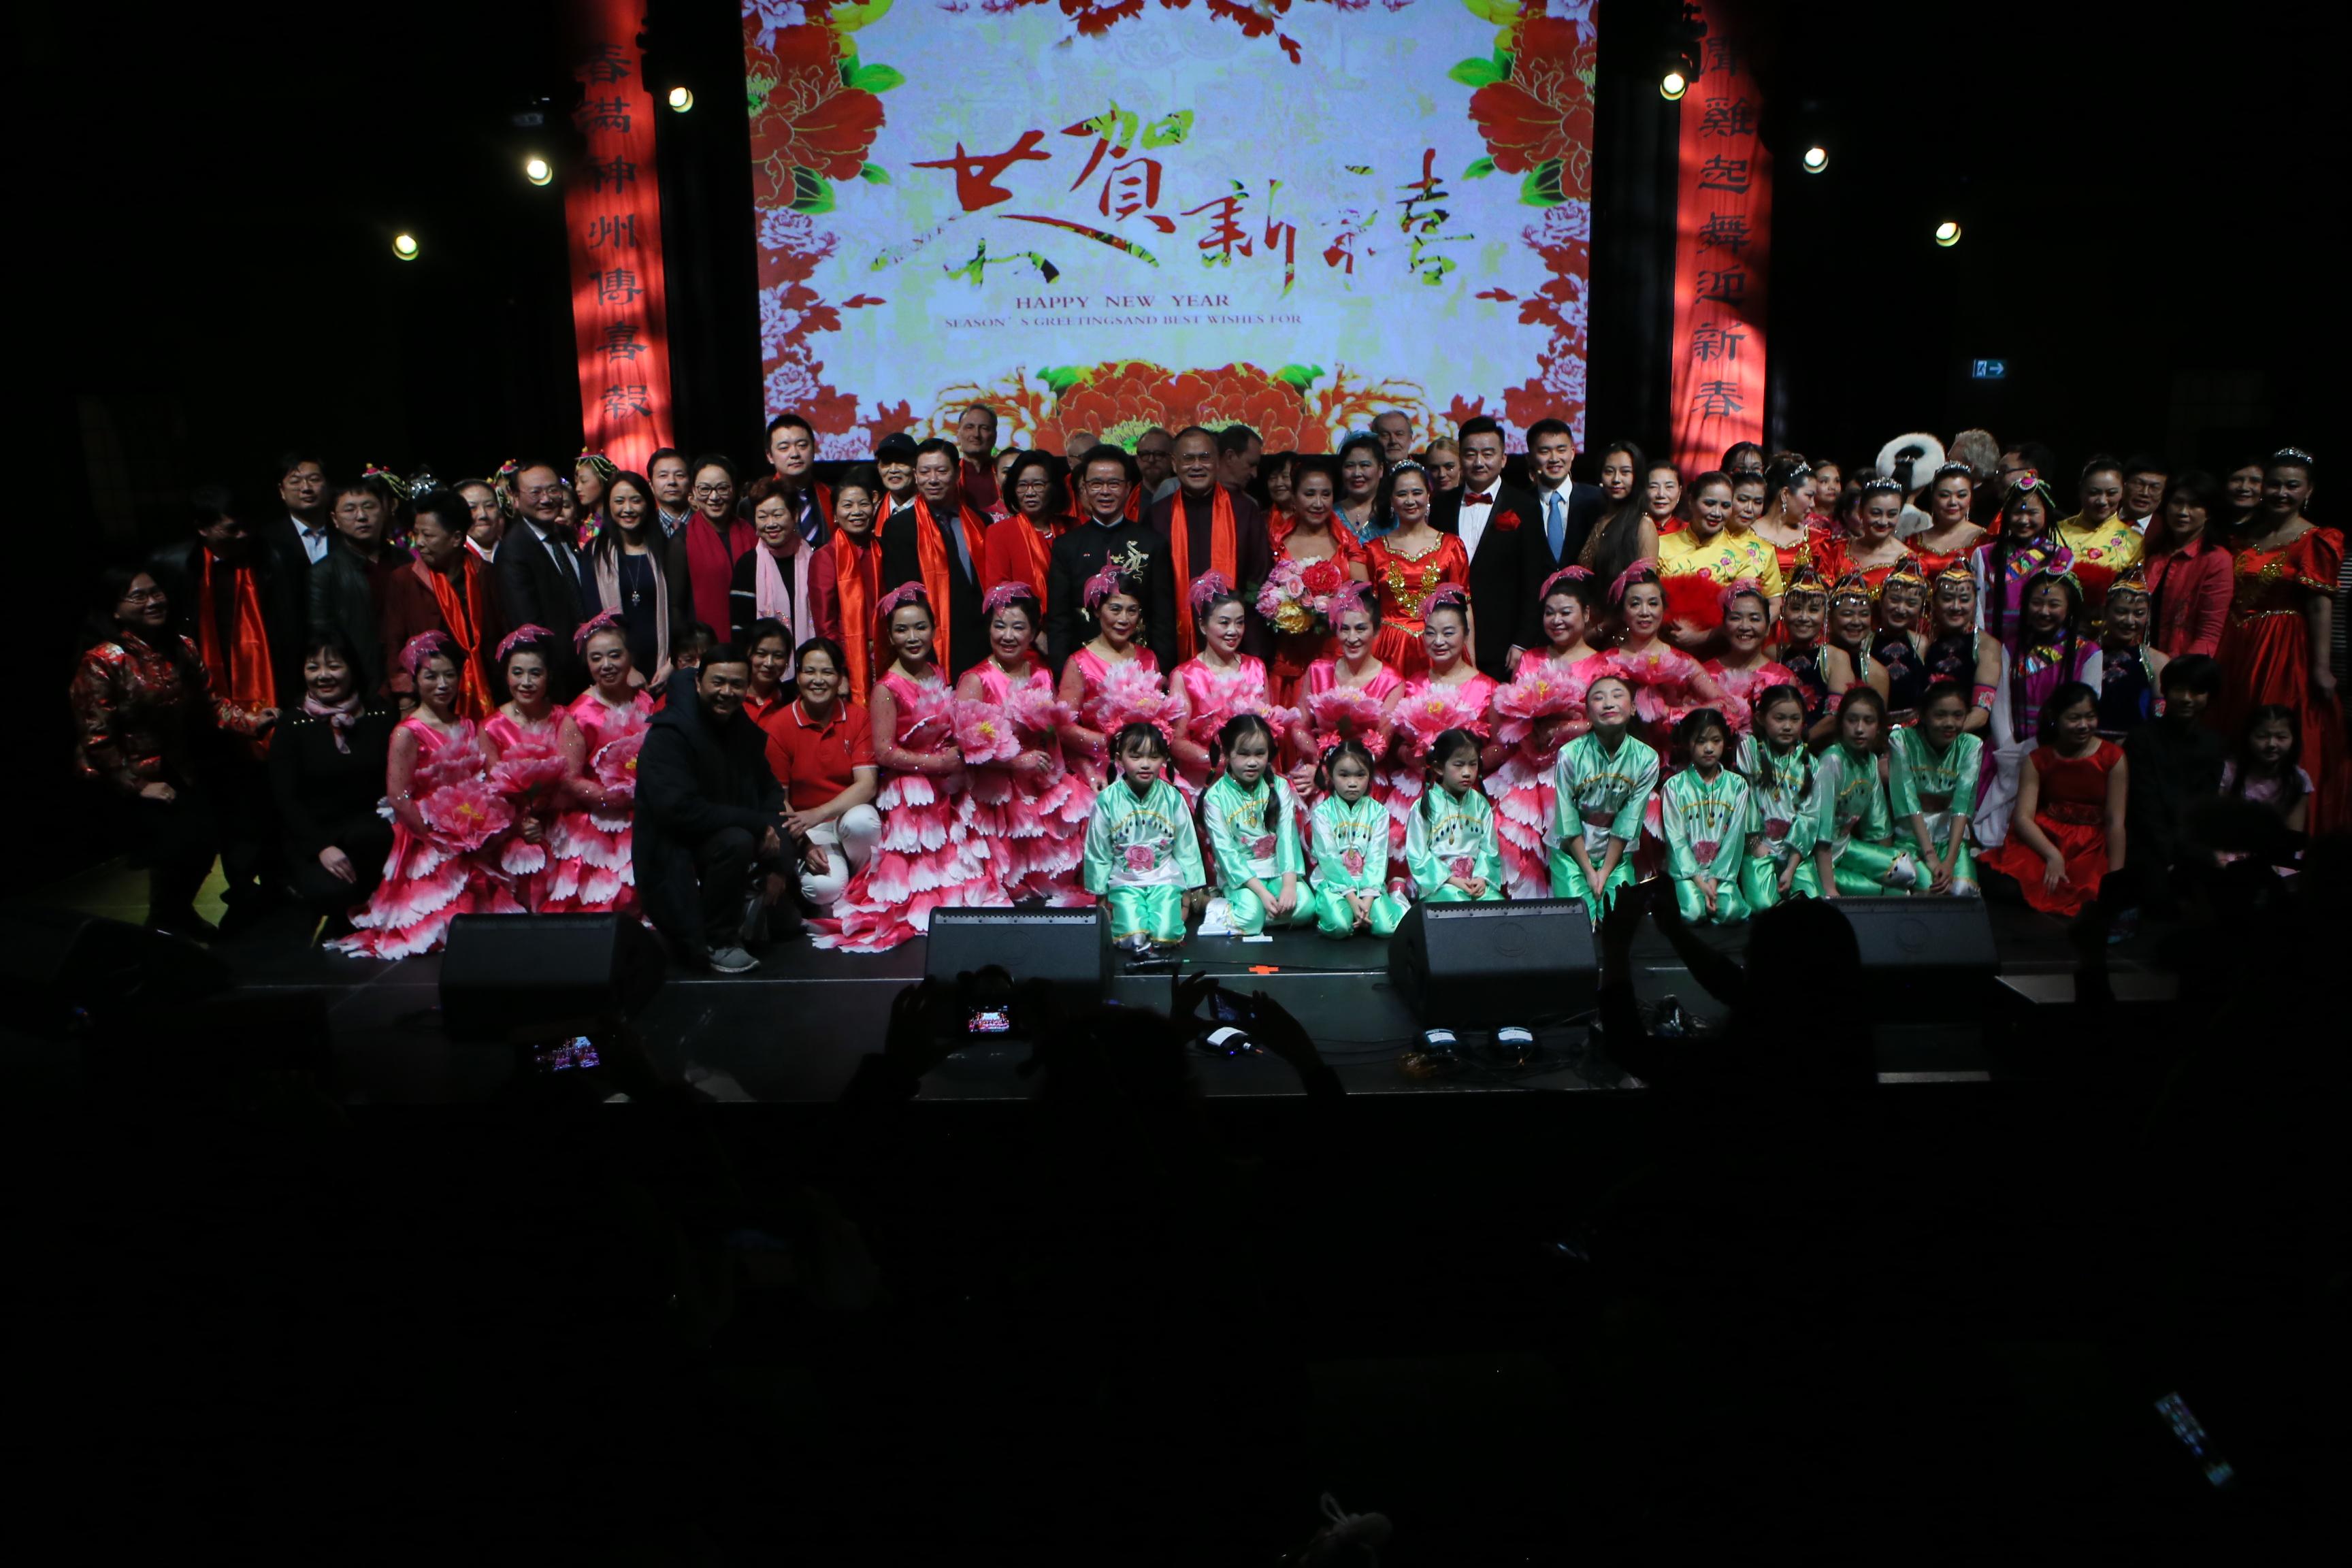 丹麦侨学界隆重举行庆新春活动